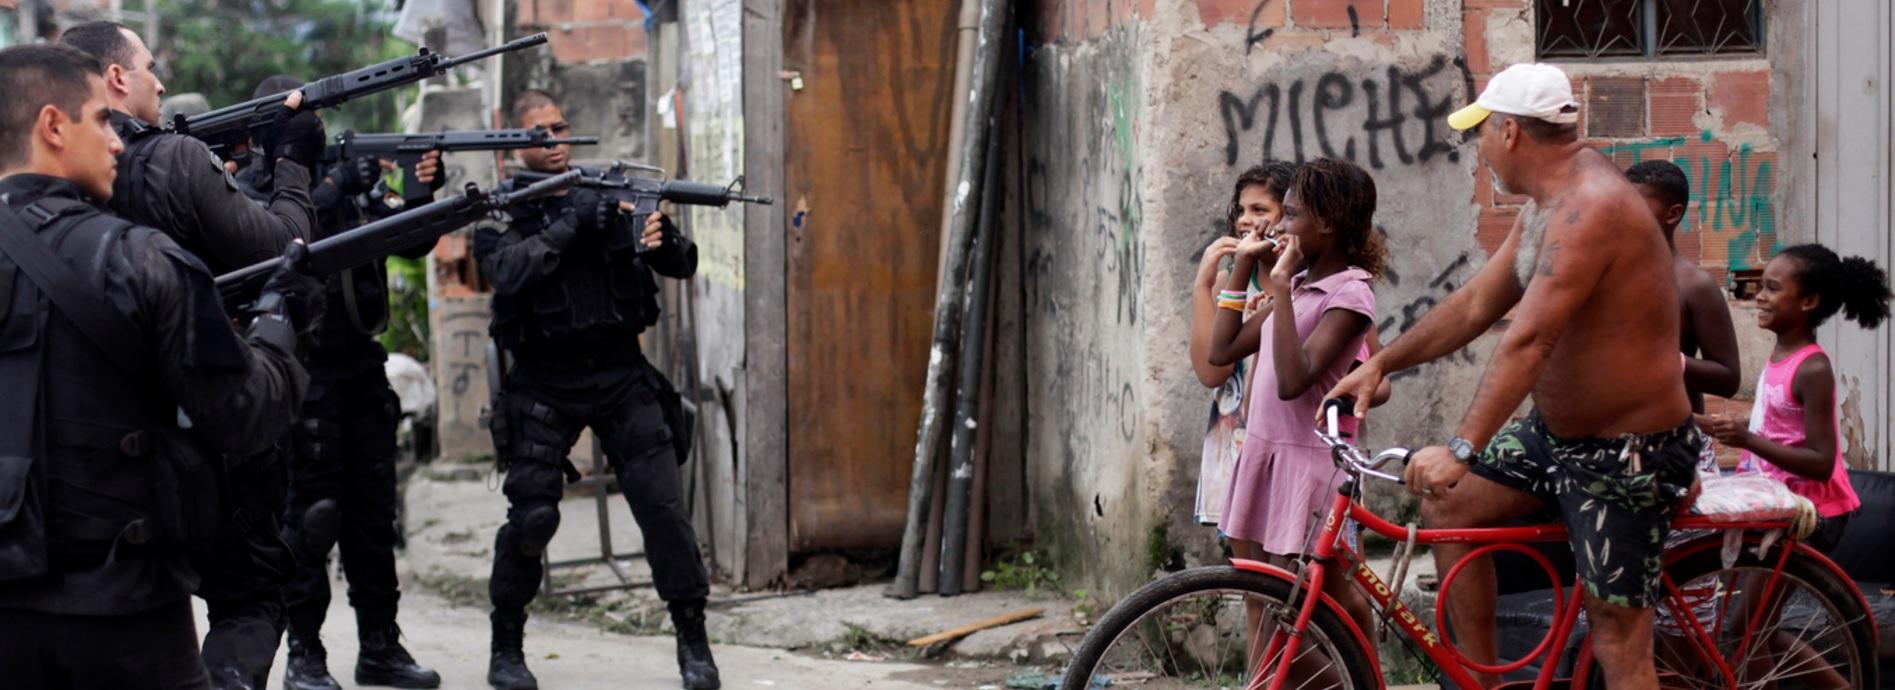 Com Tanques, Granadas e Armas, a Polícia Trava Guerra Contra os Mais Pobres do Rio de Janeiro